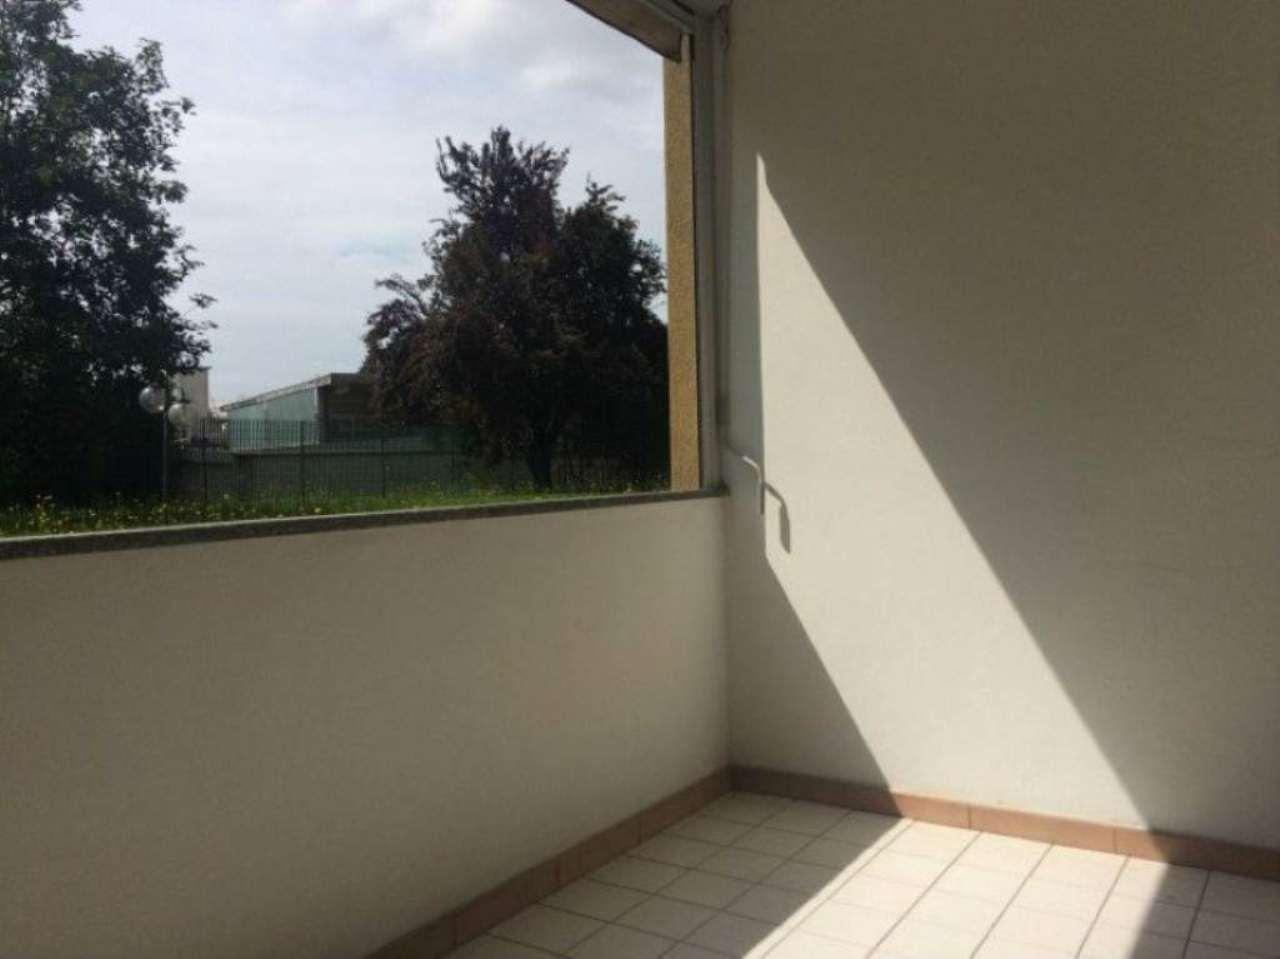 Appartamento in vendita a Caronno Pertusella, 2 locali, prezzo € 100.000 | Cambio Casa.it